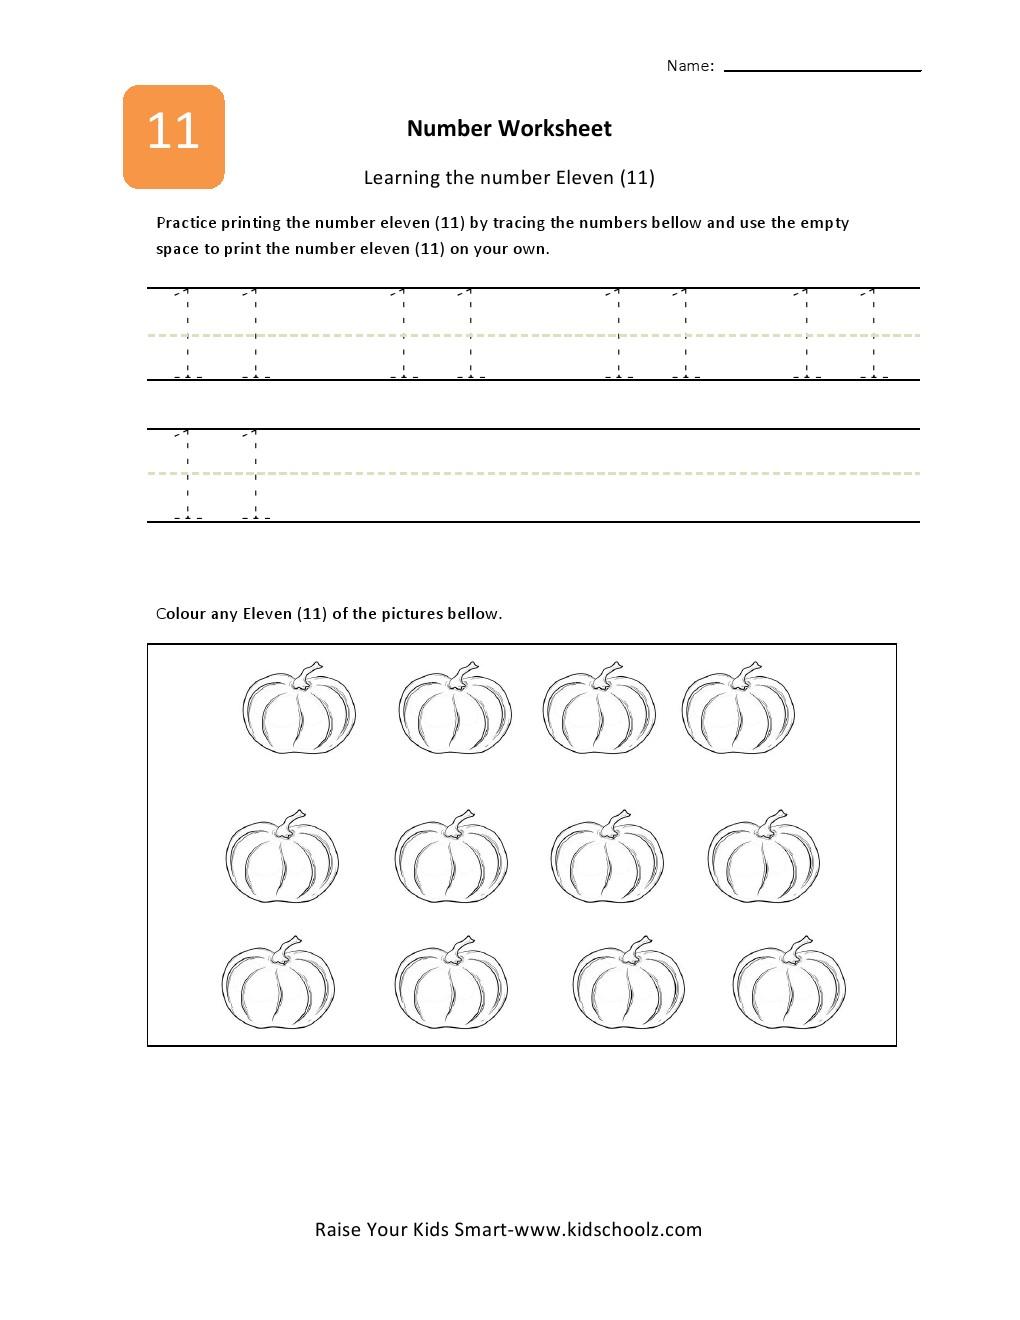 Number 11 Practice Worksheet Writing Numbers Printable